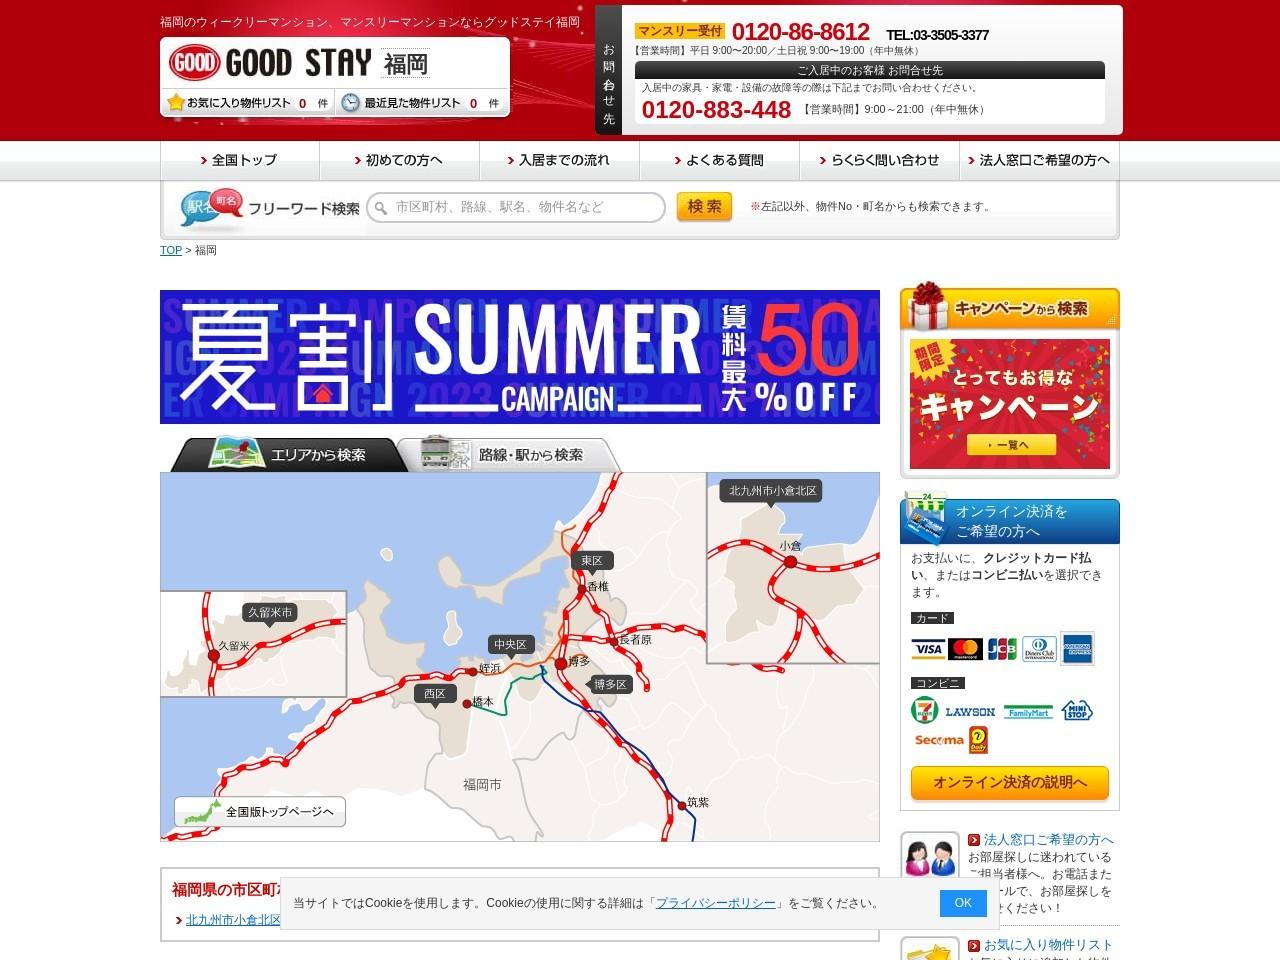 グッドステイ福岡